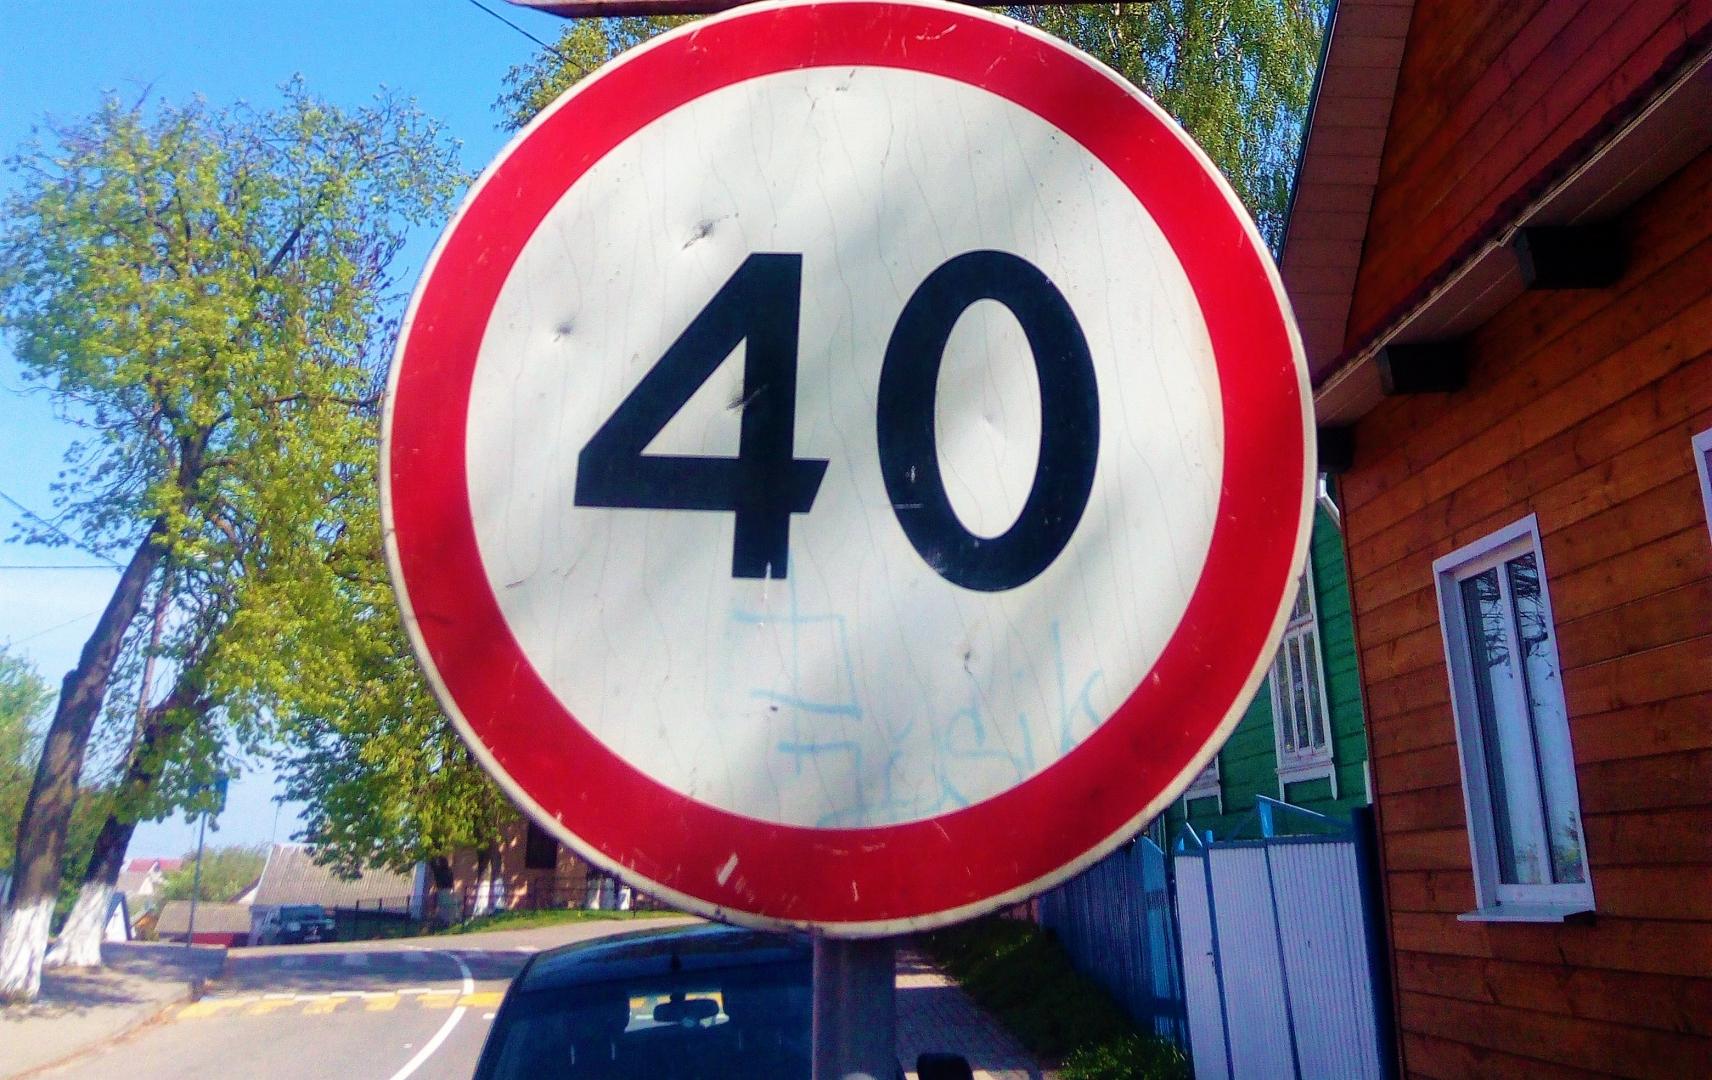 На севастопольском проспекте ограничили скорость движения автотранспорта